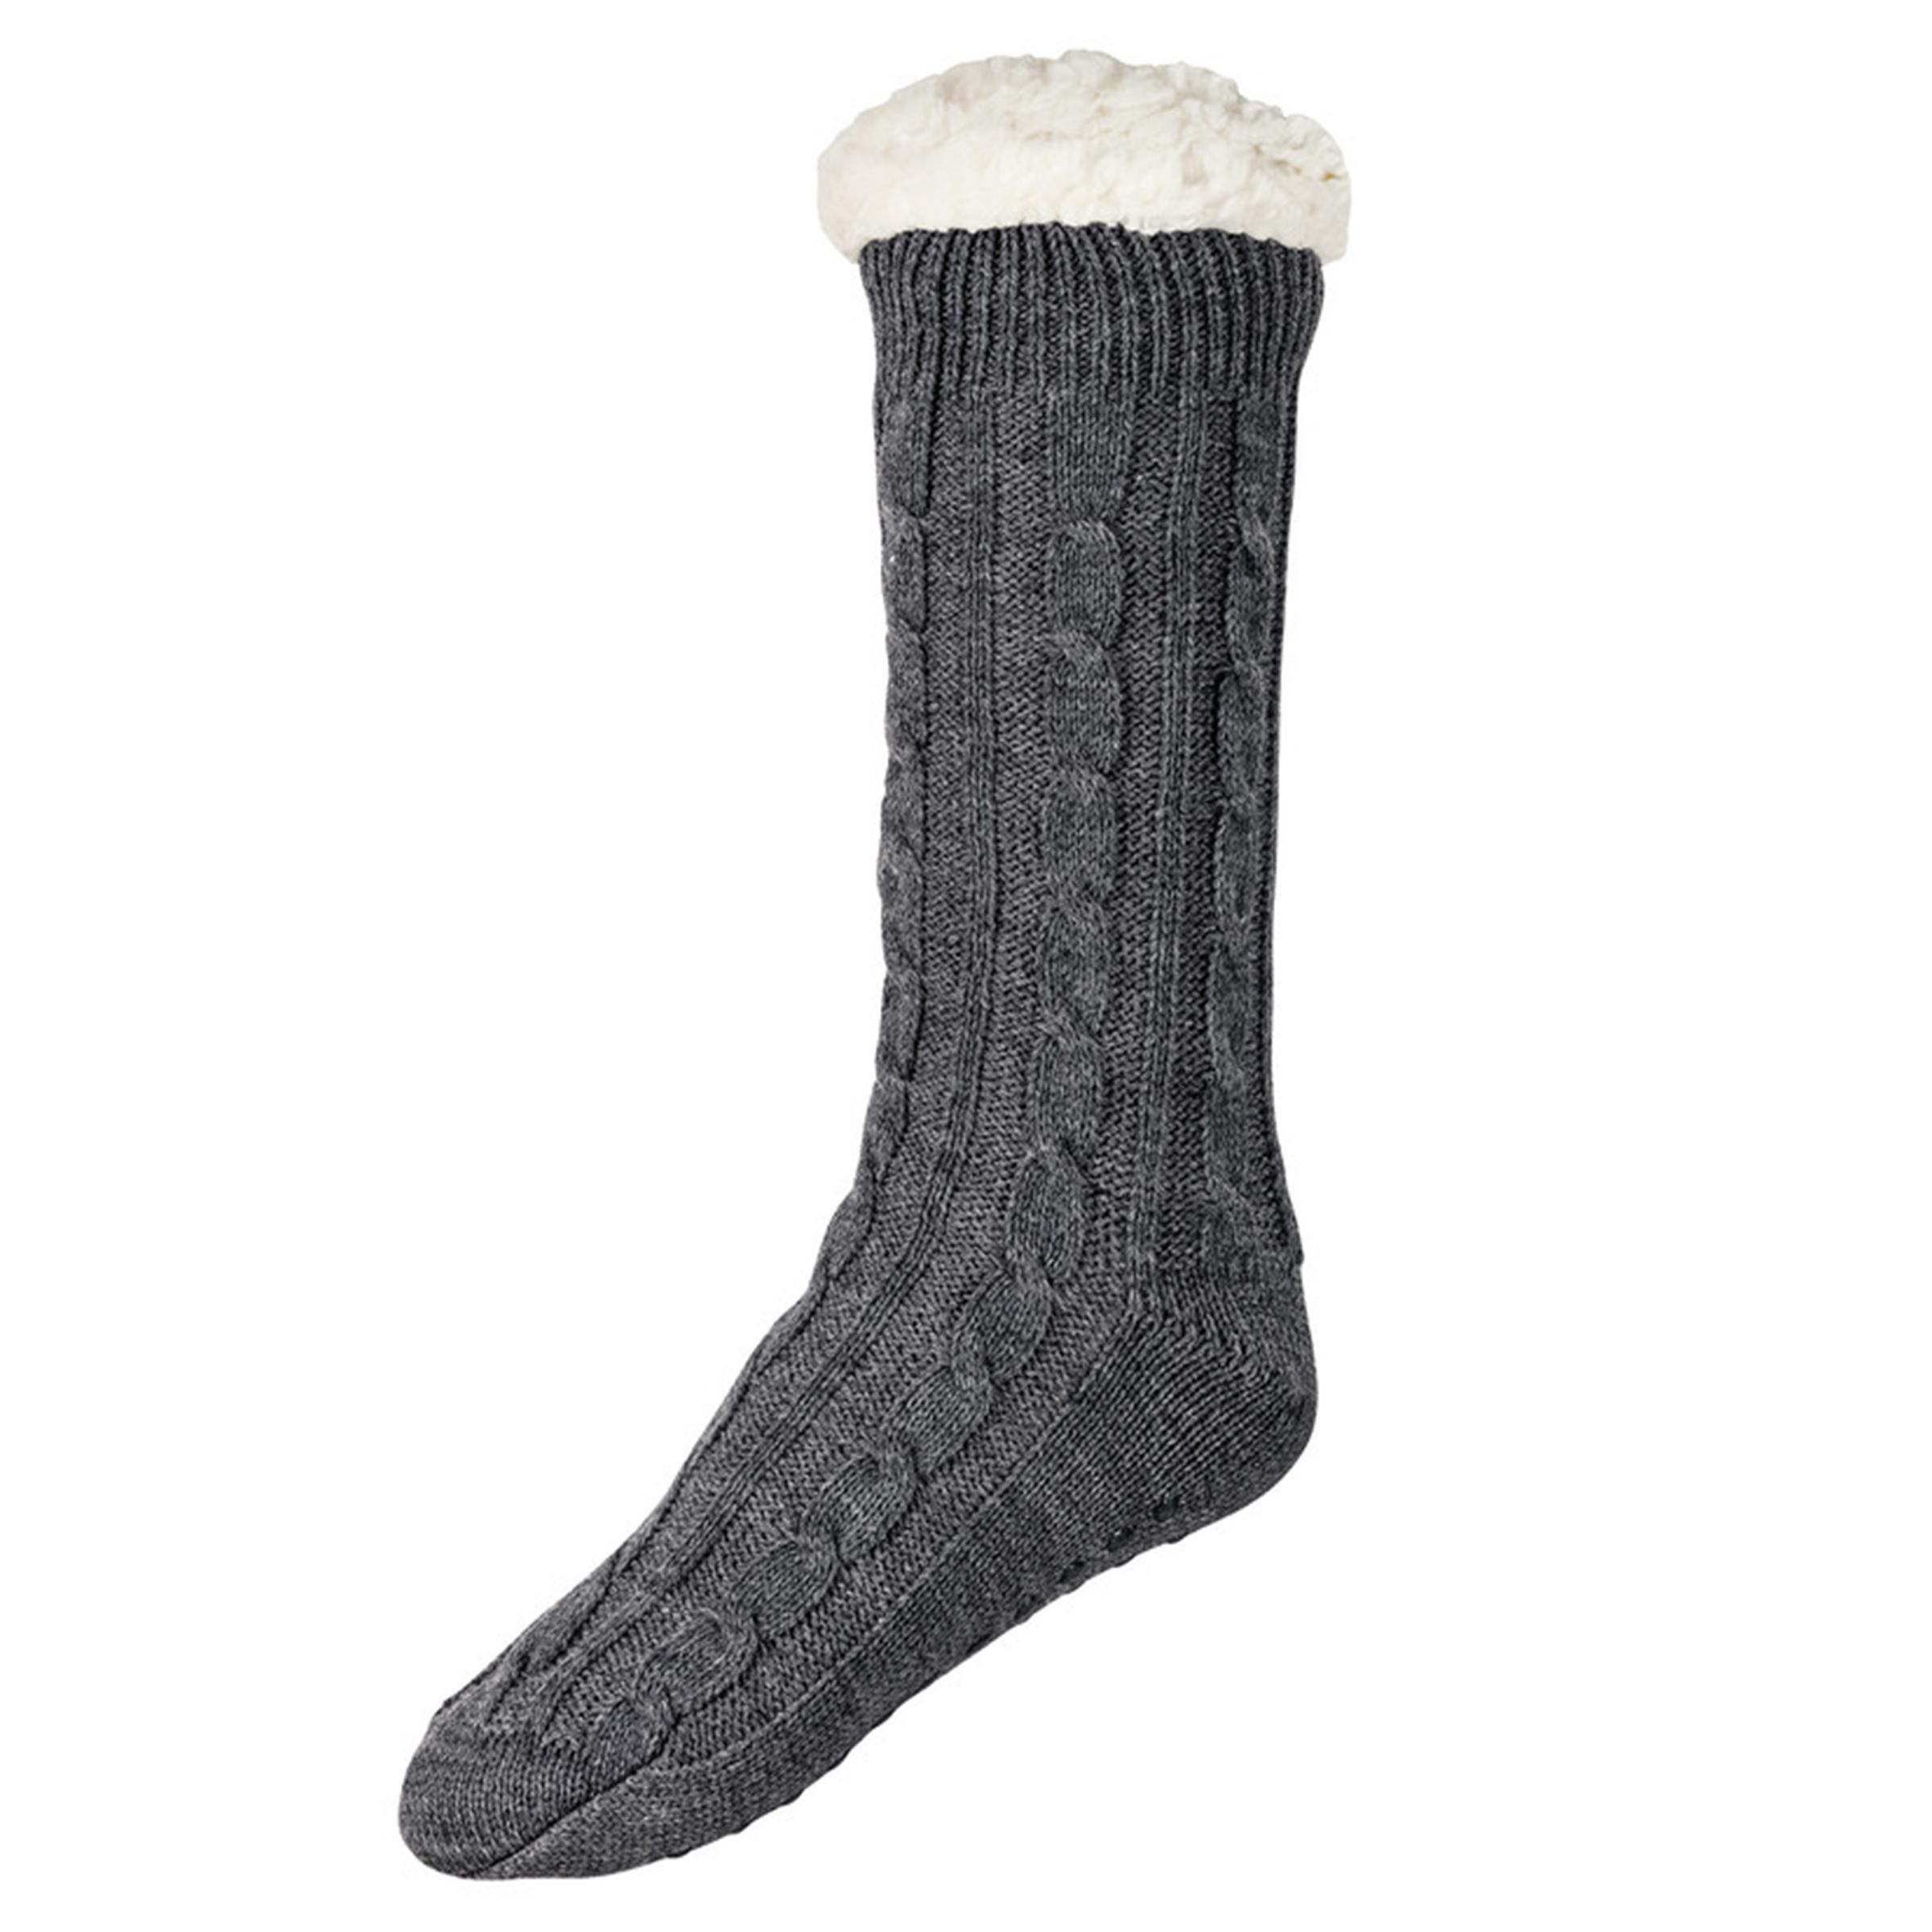 جوراب بافتنی مردانه لیورجی مدل Fleece2021 رنگ طوسی